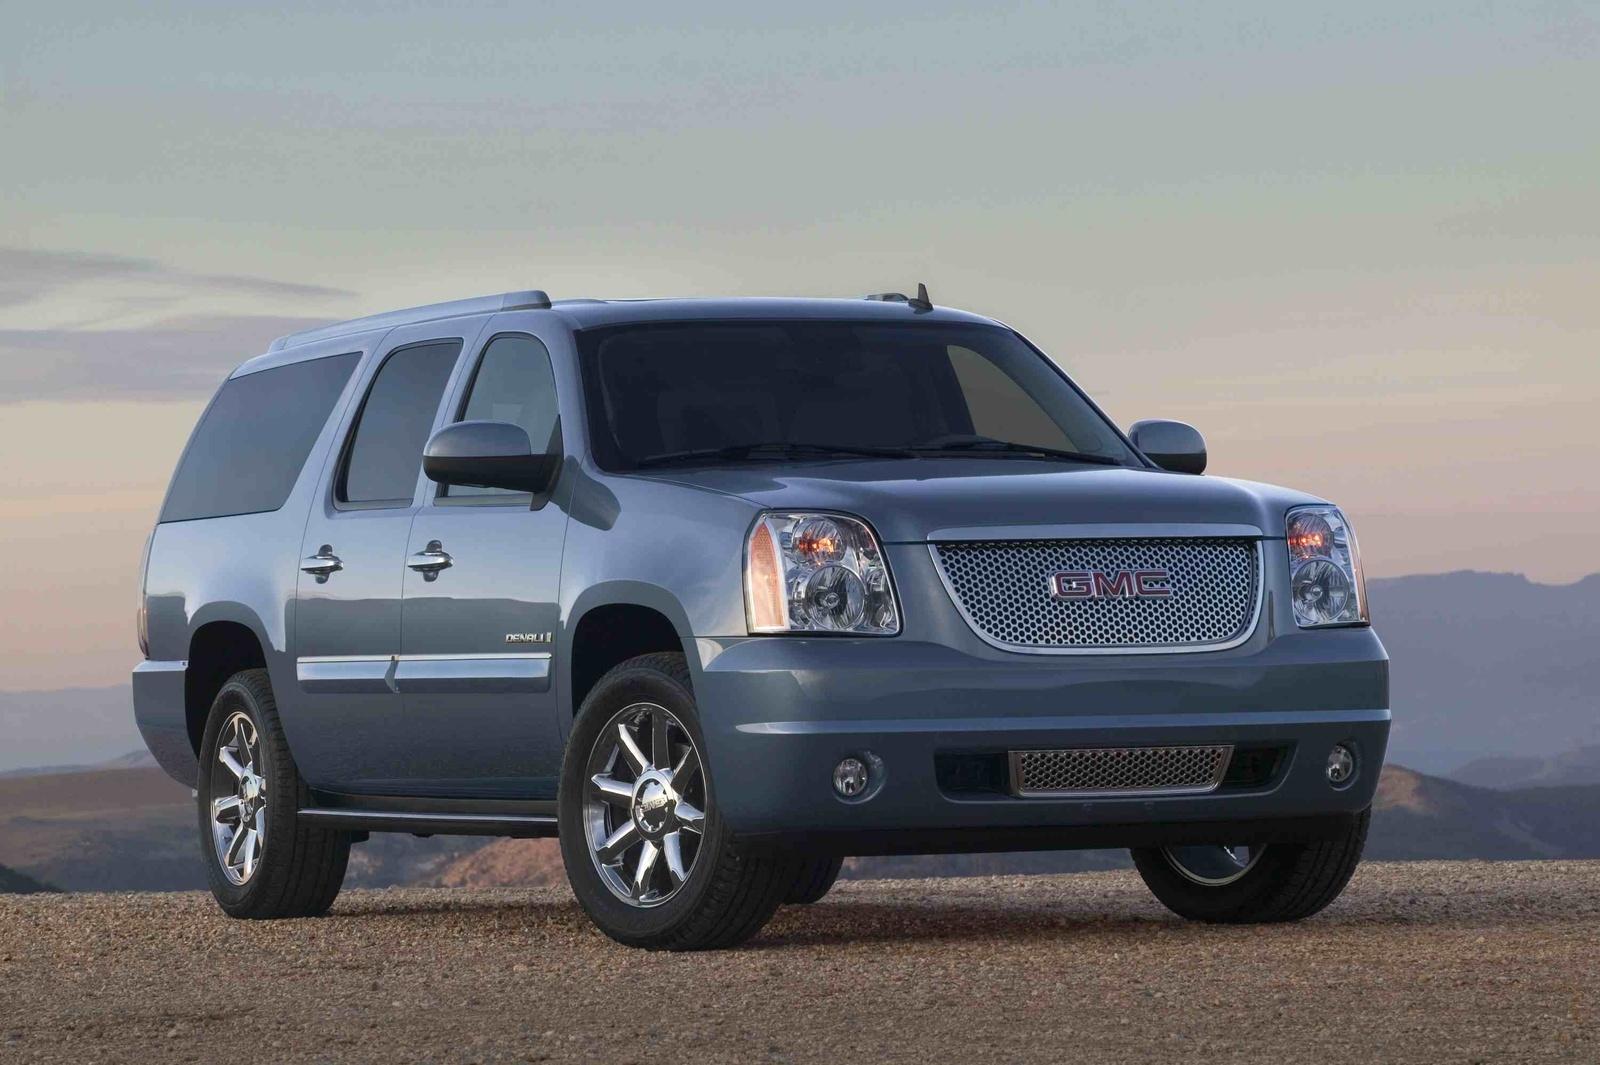 2008 Gmc Sierra >> 2009 GMC Yukon XL - Review - CarGurus